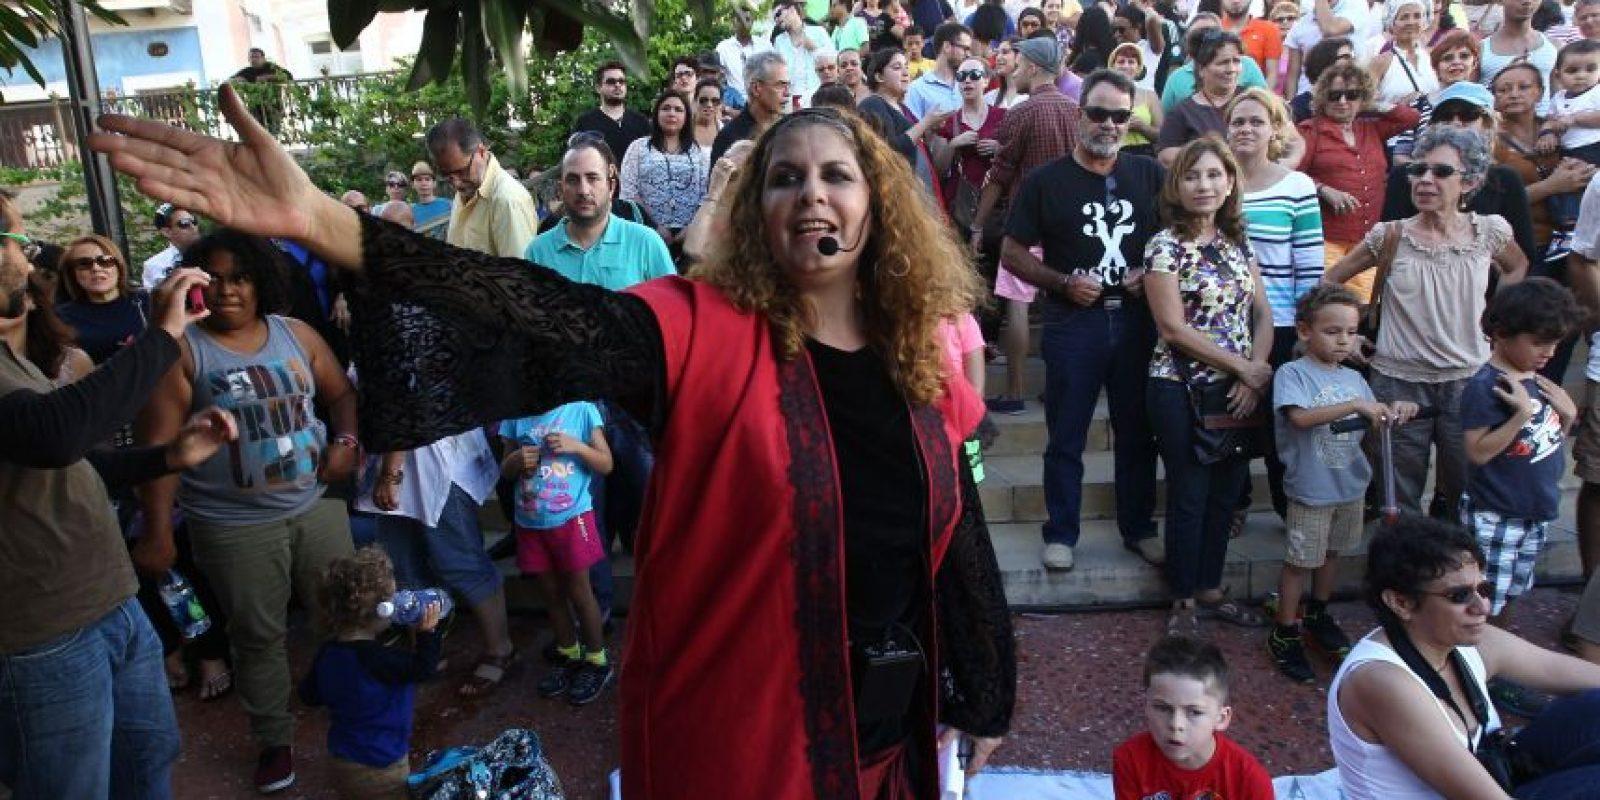 Tere Marichal recita uno de sus cuentos Foto:Keno Rodríguez/ Metro Puerto Rico. Imagen Por: